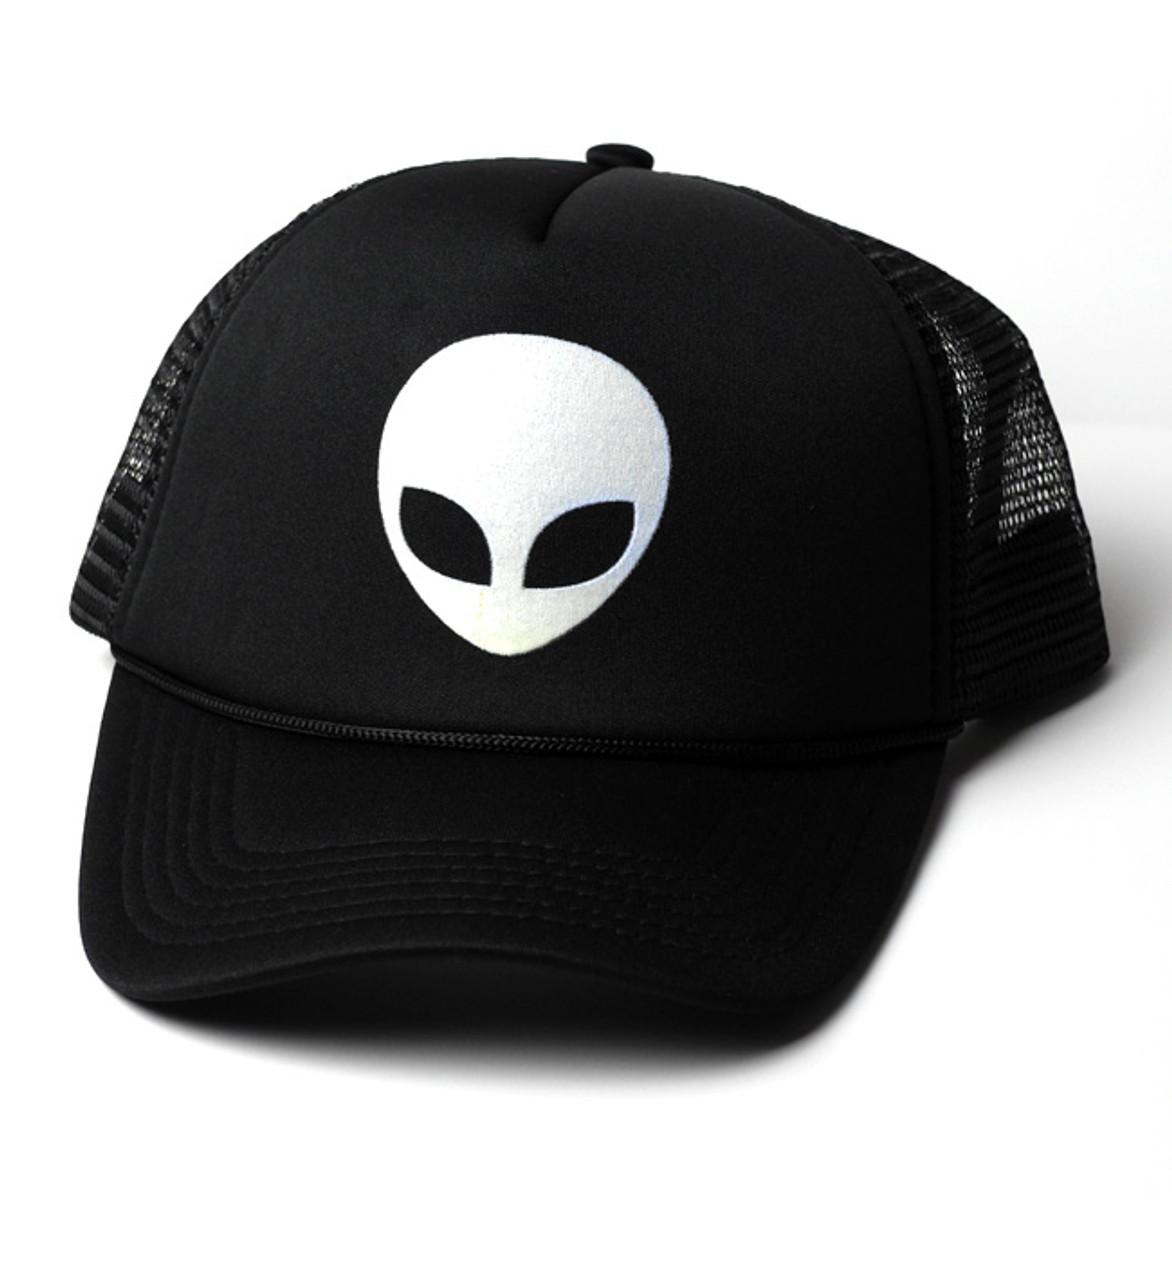 64d8dd567 Glow-in-the-dark Alien Trucker-stye Baseball Hat